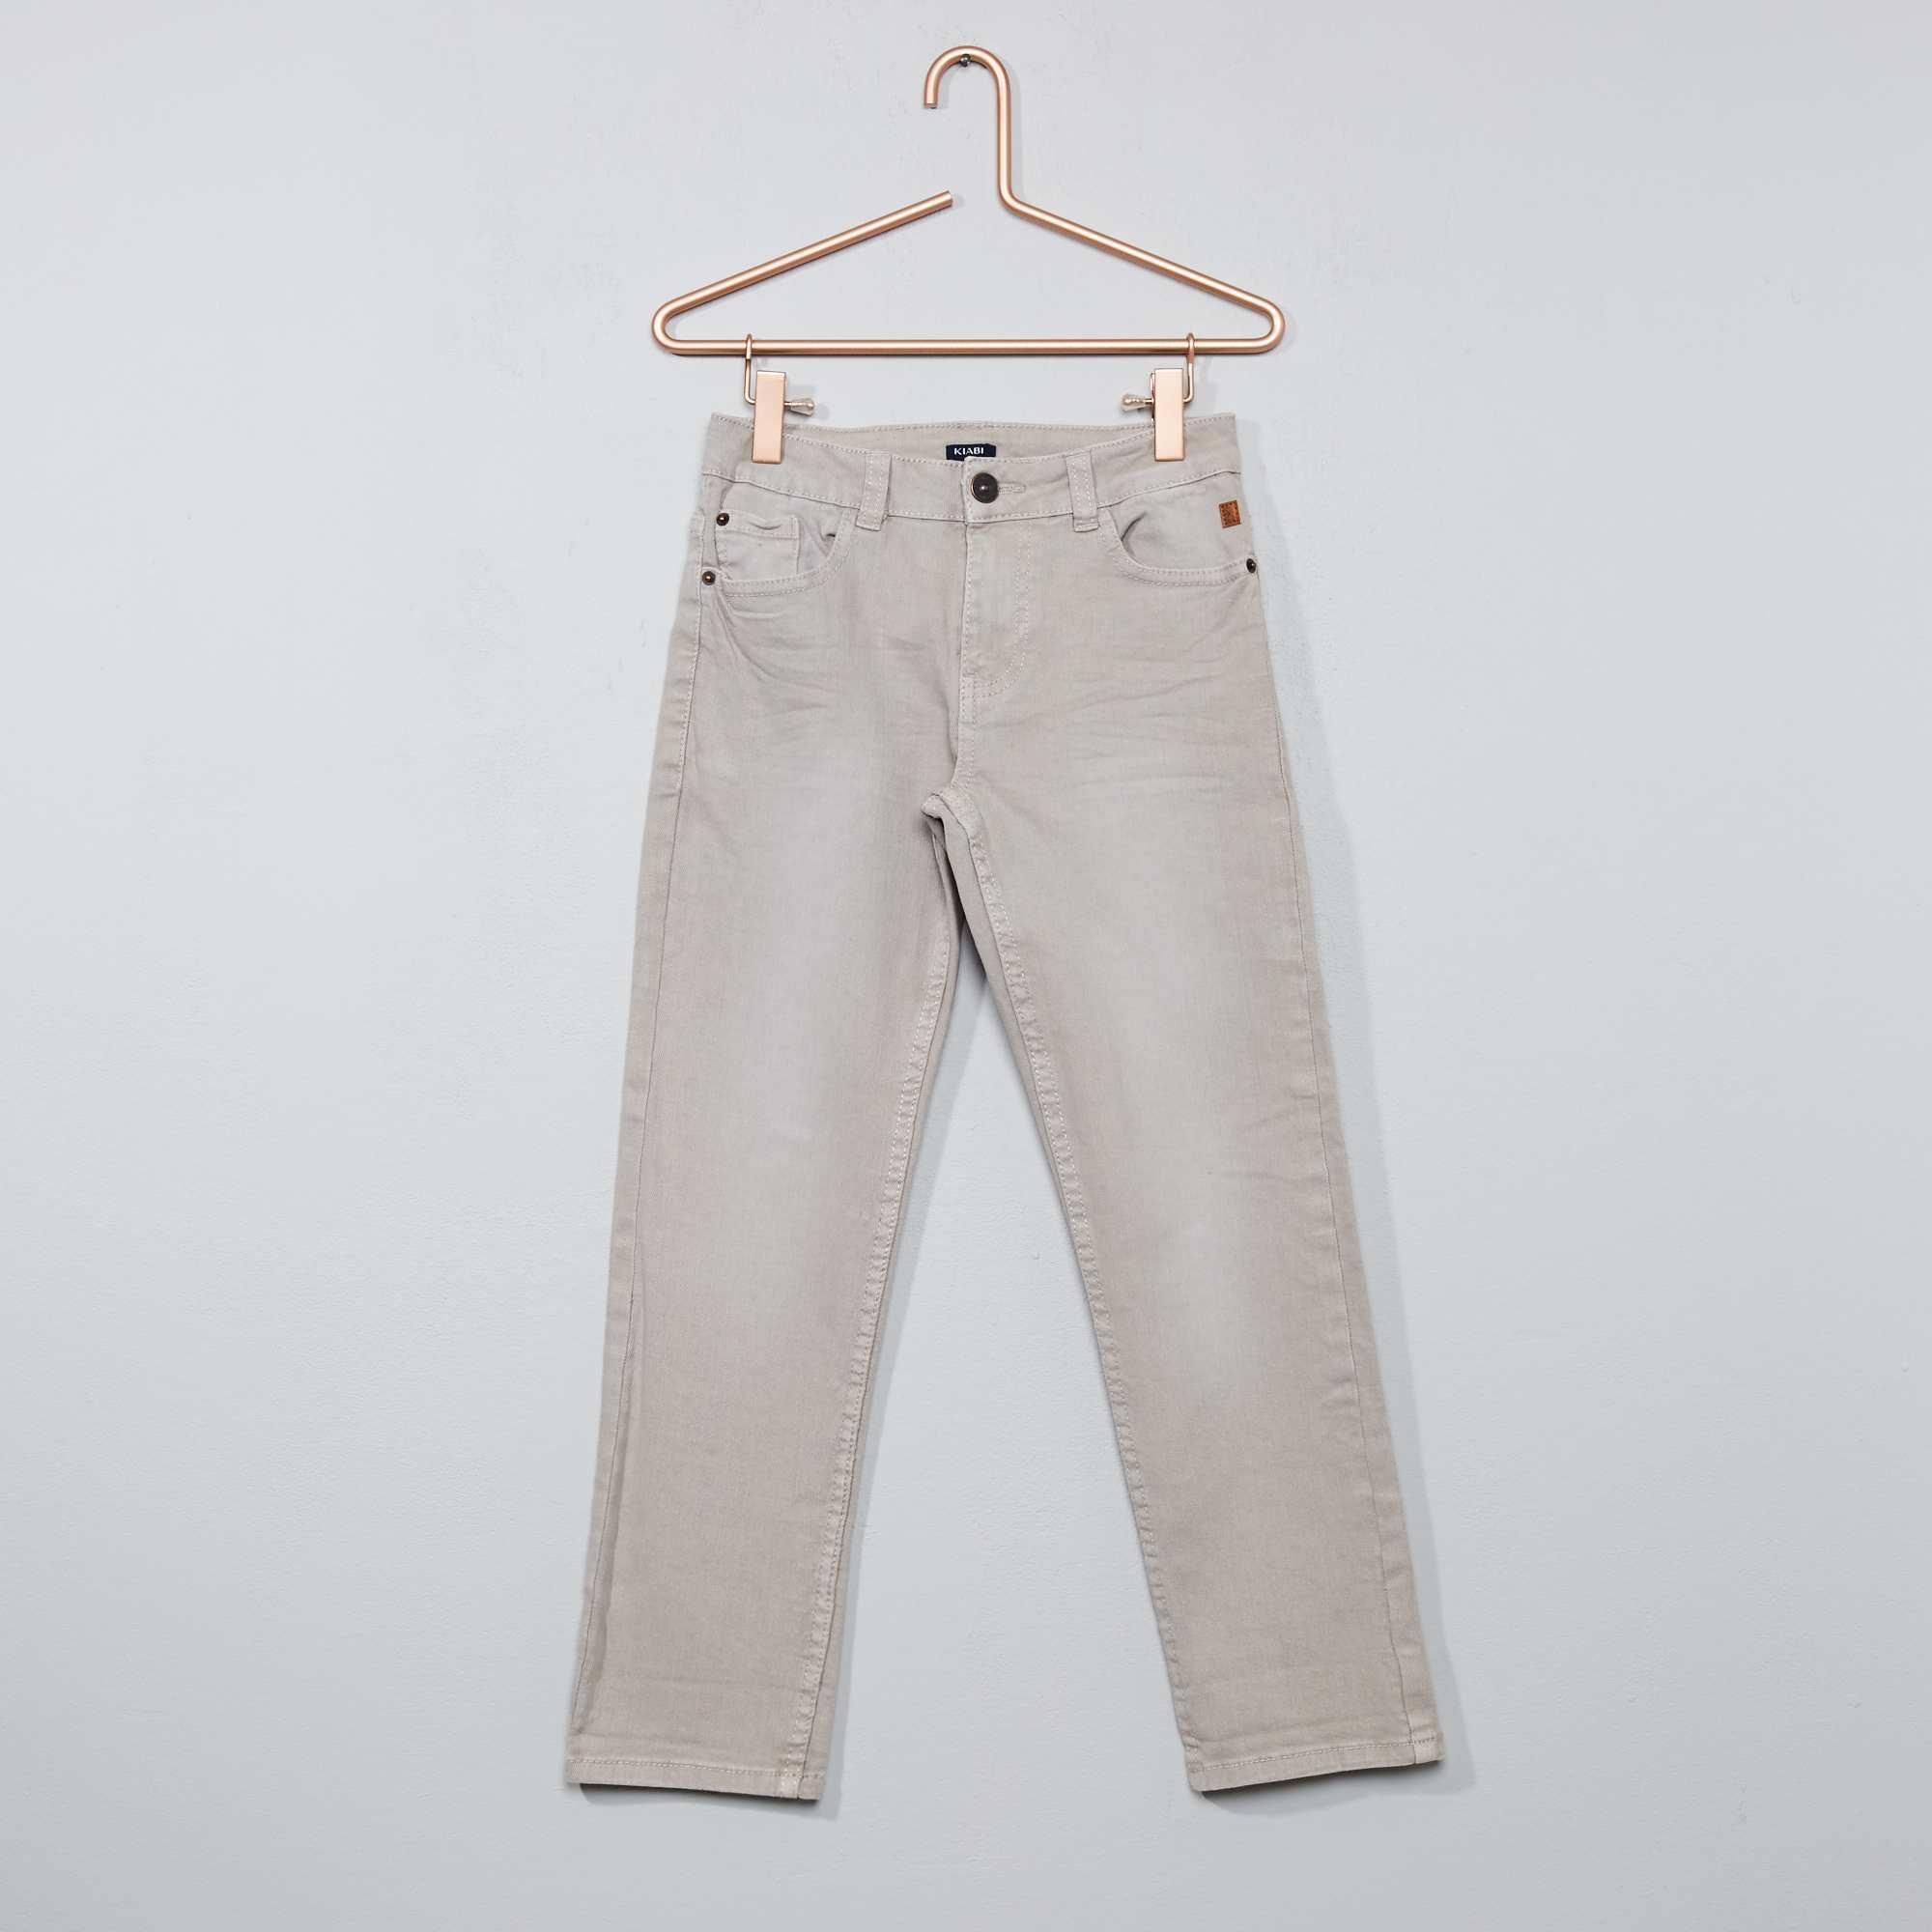 Couleur : gris clair, , ,, - Taille : 9A, 6A, 5A,10A,8ADes pantalons colorés pour se changer suivant l'envie ! - Pantalon regular / coupe